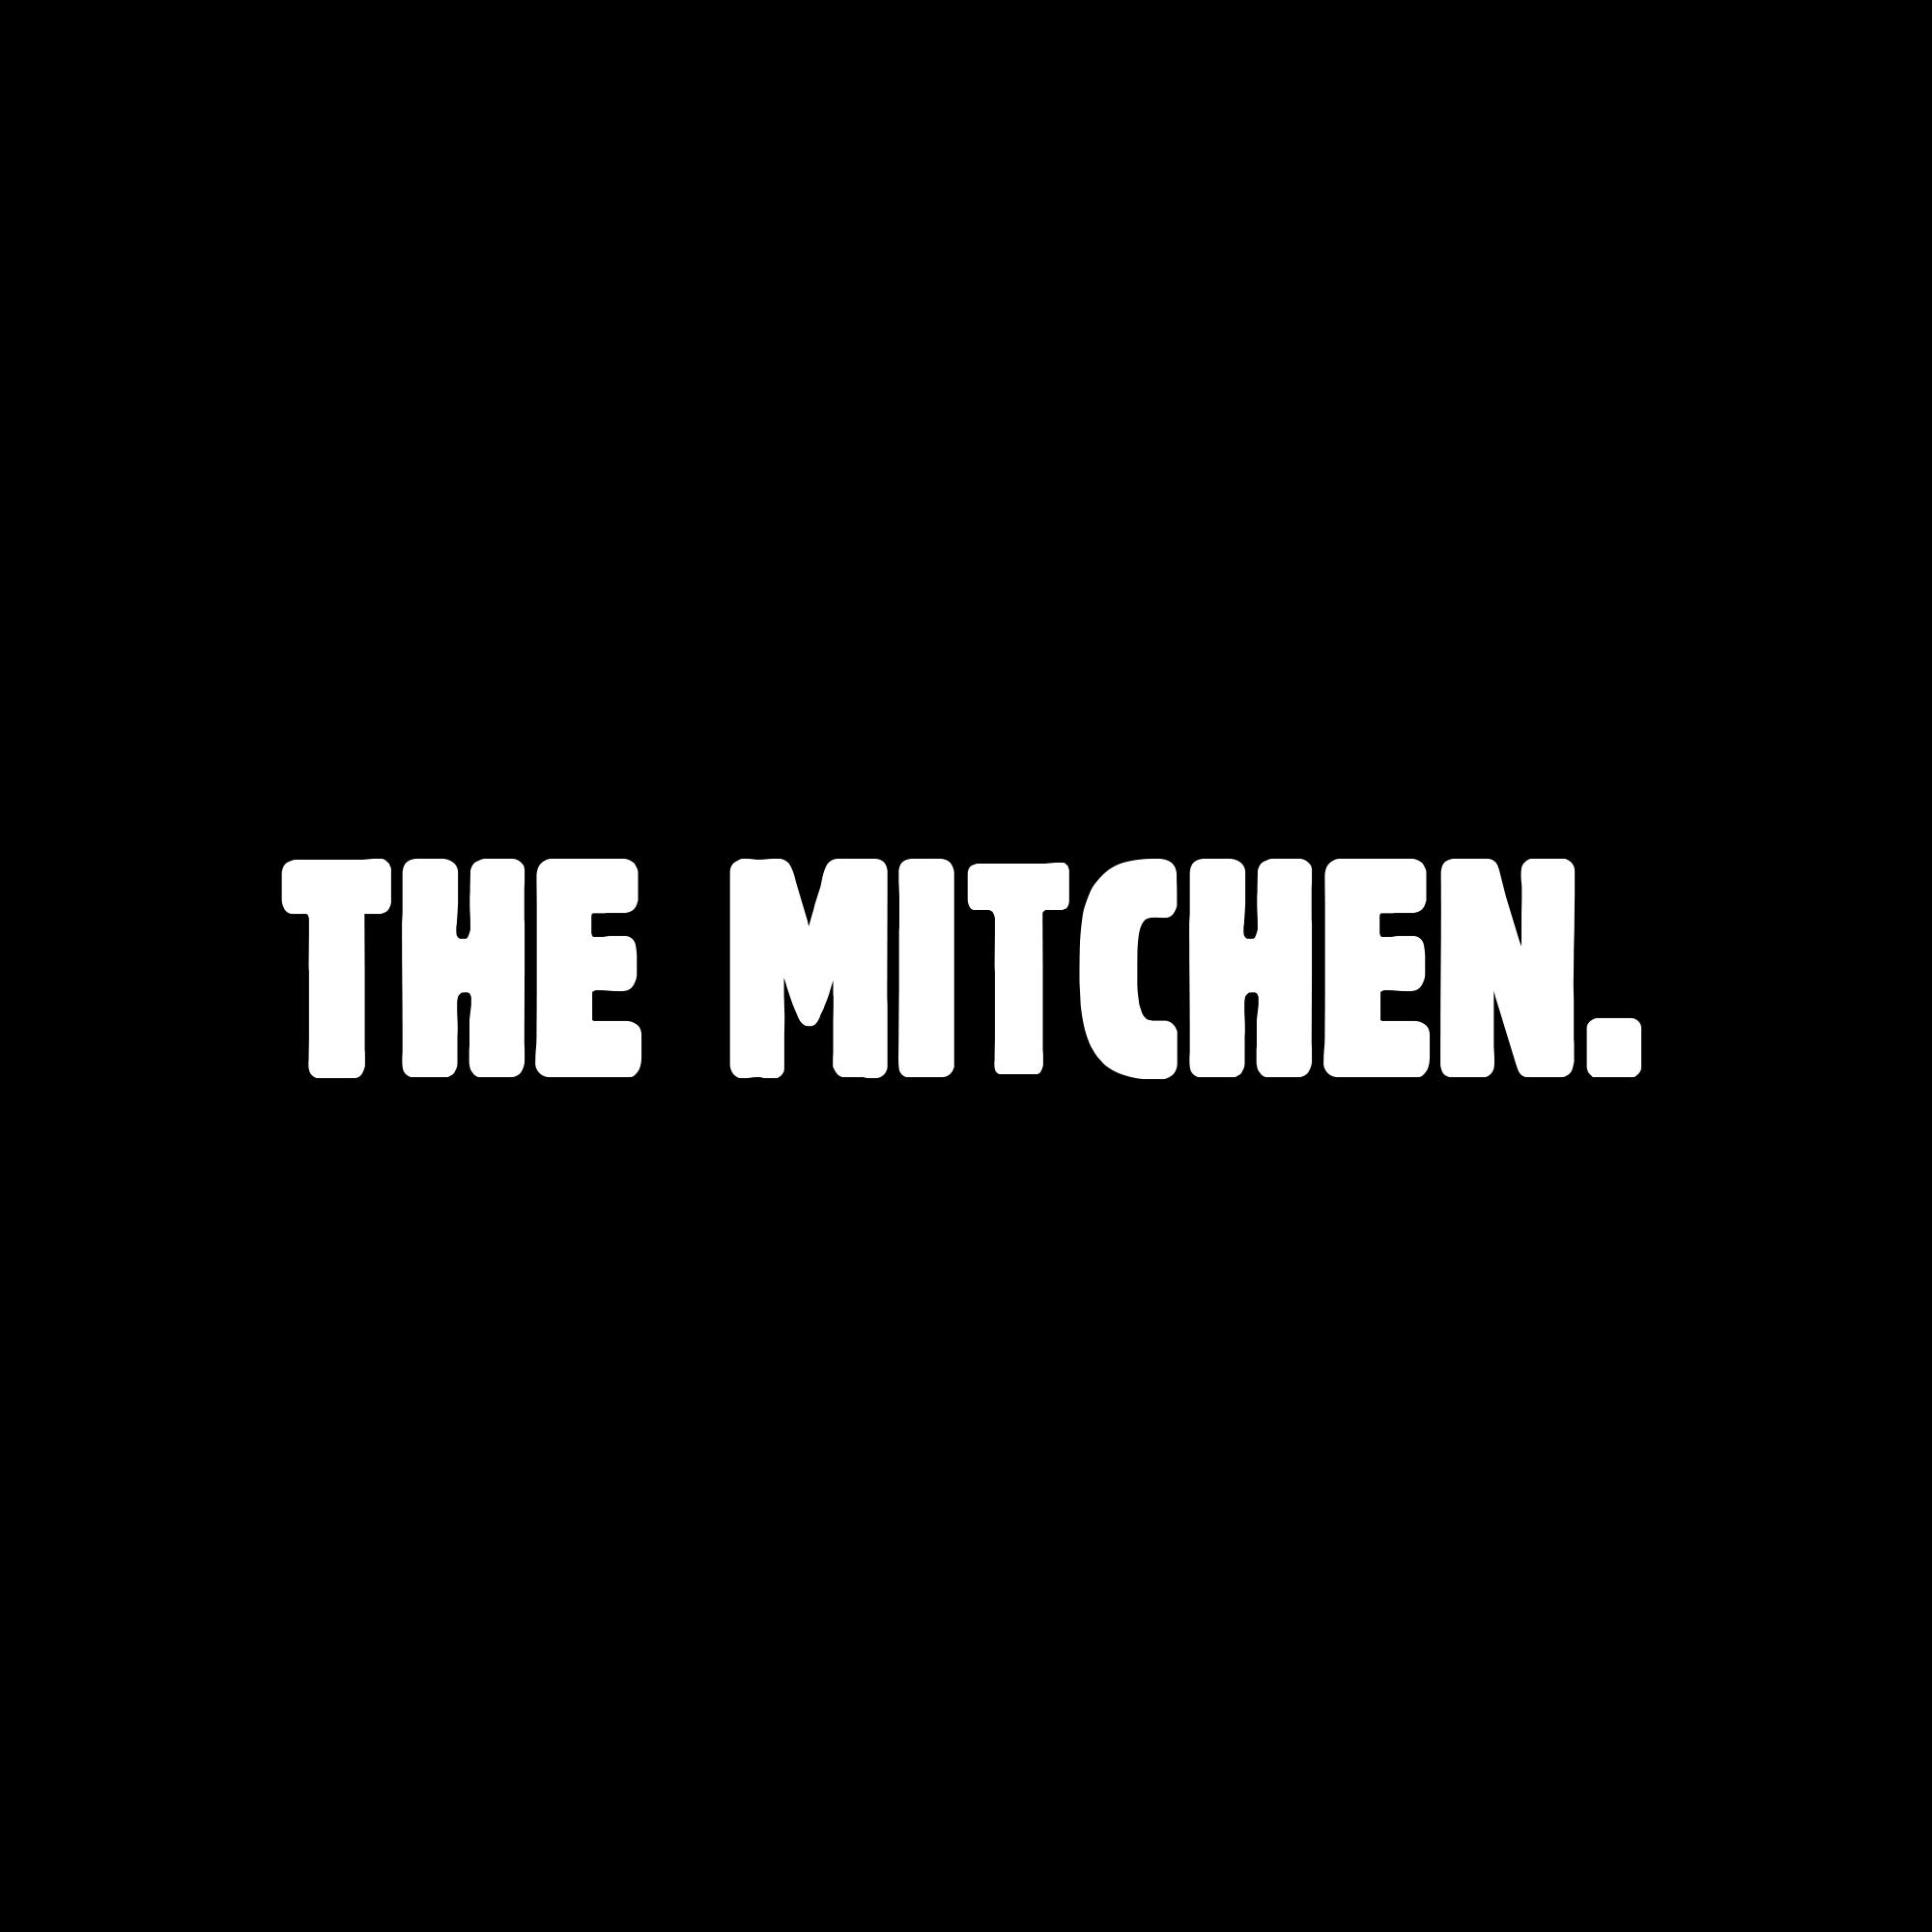 The Mitchen